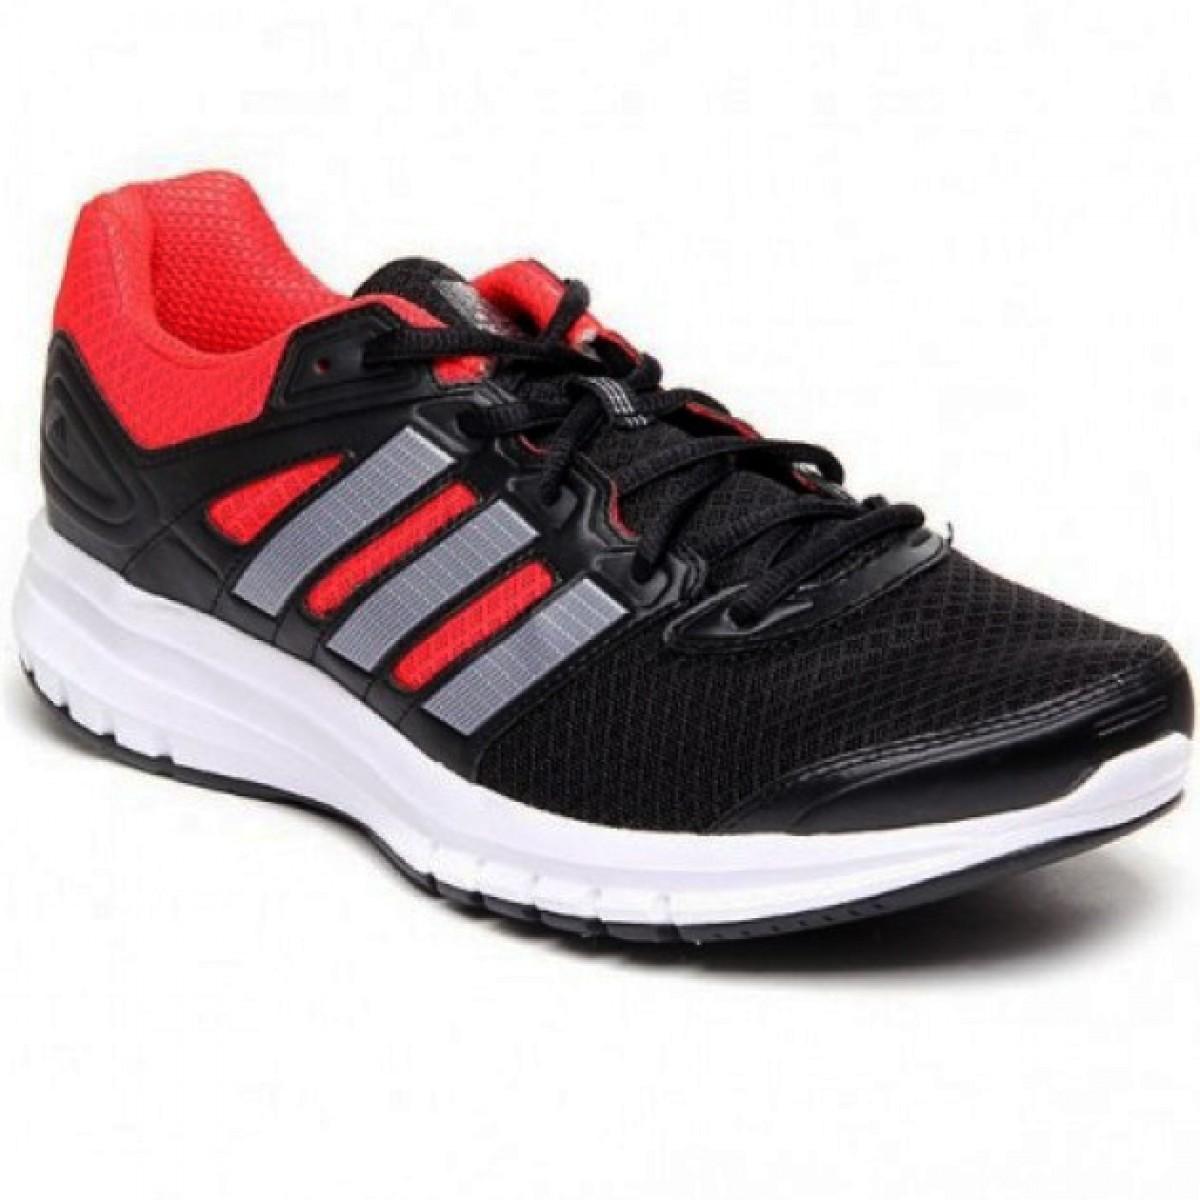 5d96b9a6840 Tênis Adidas Duramo 6 Preto Vermelho Masculino - Compre Agora ...